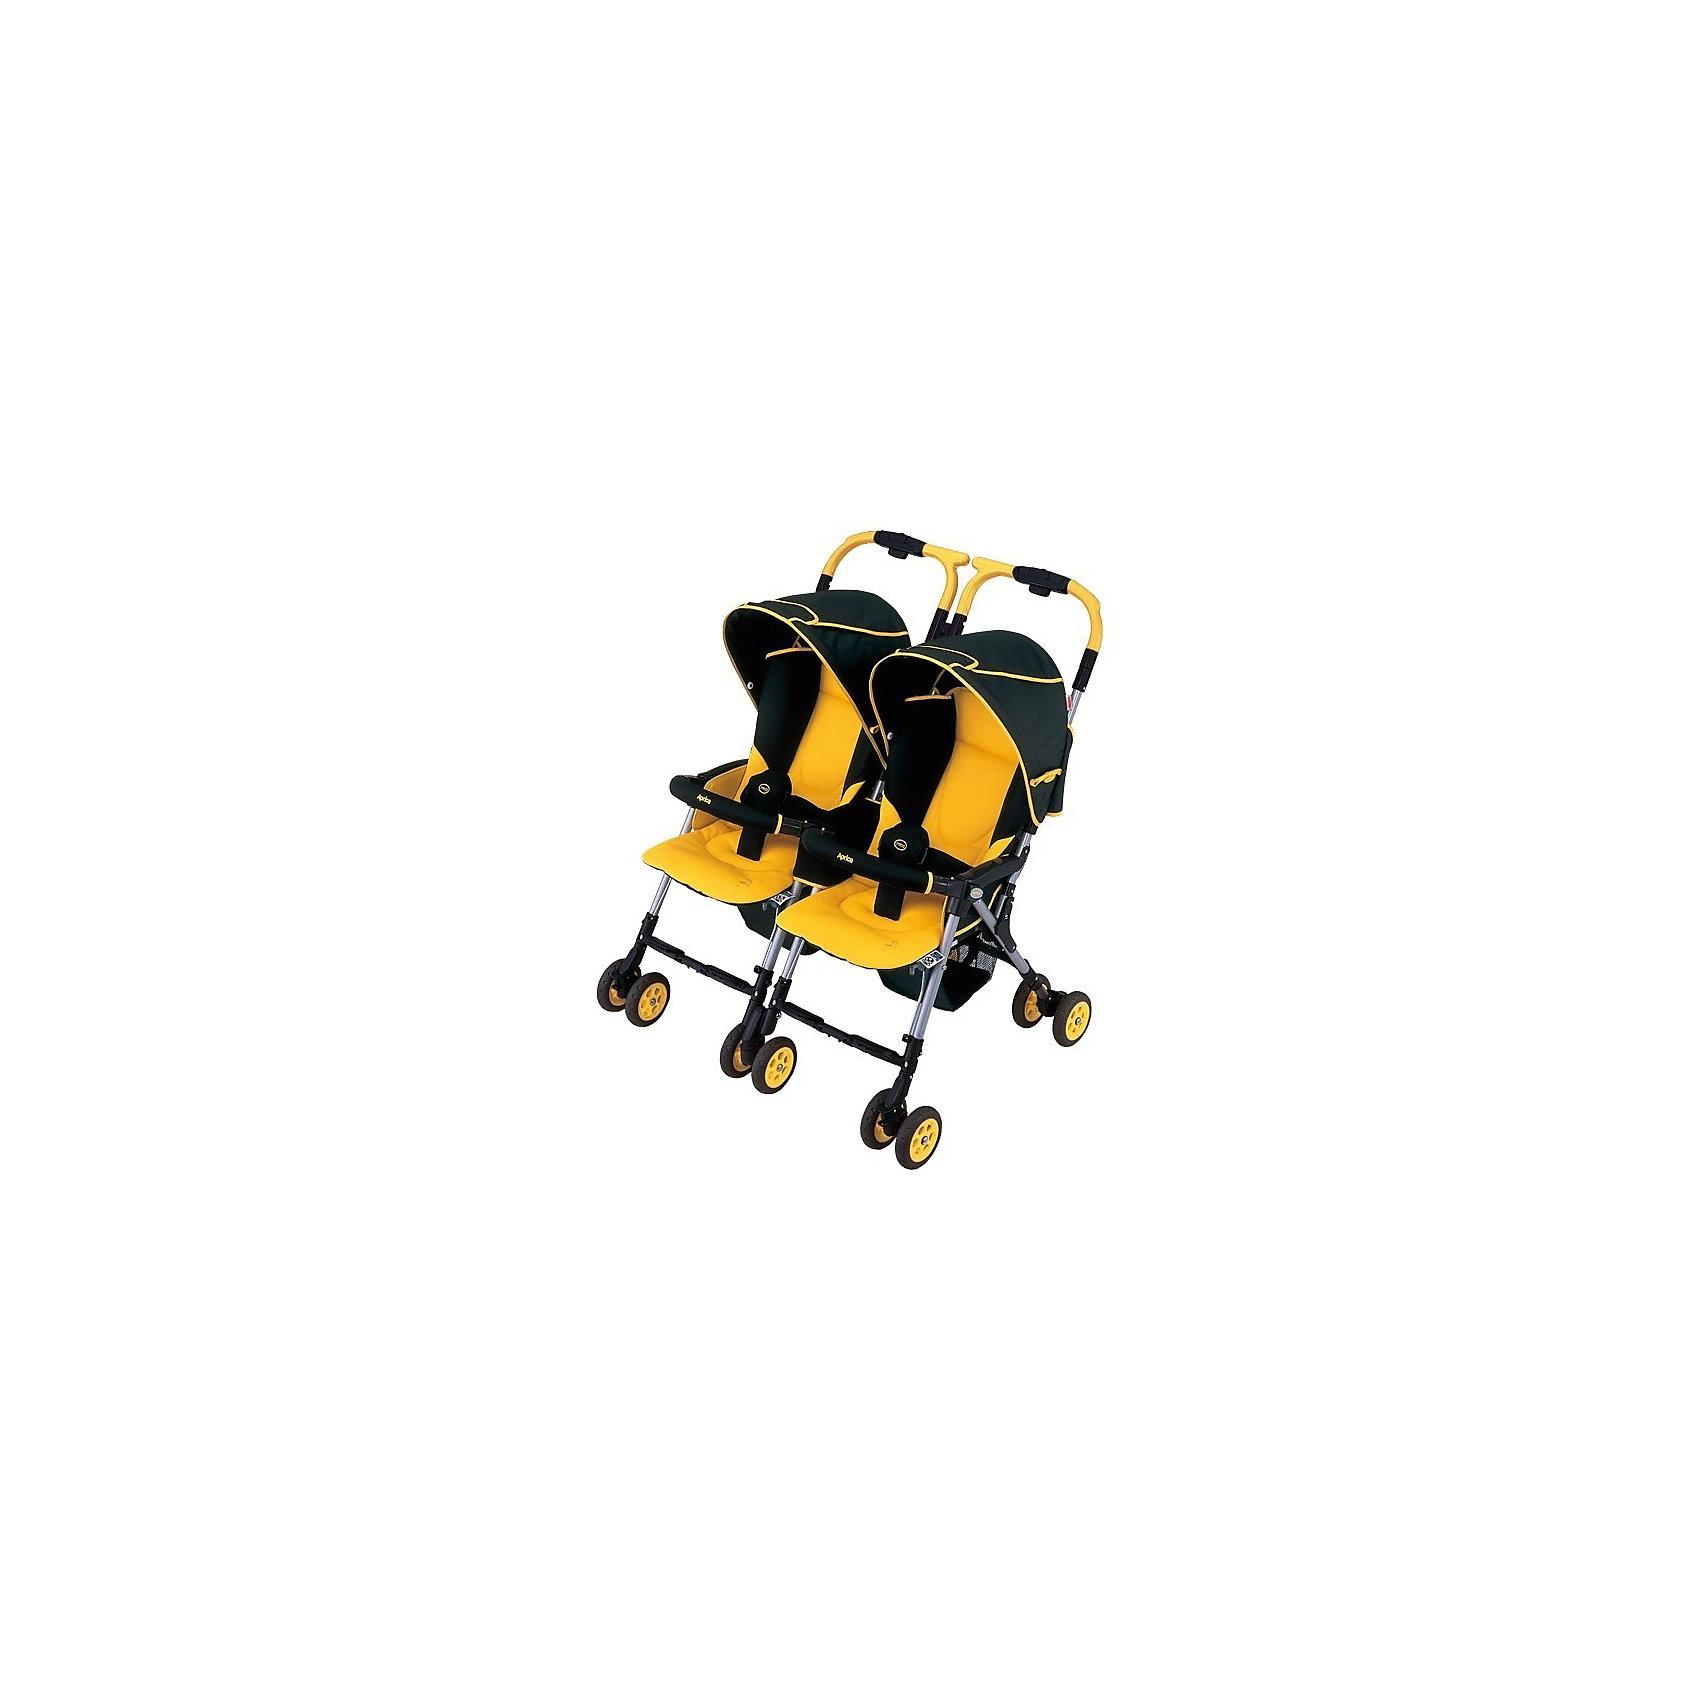 Прогулочная коляска для двойни Aprica Nelccobed Twin,Прогулочные коляски<br>Характеристики коляски для двойни Aprica Nelccobed Twin<br><br>Прогулочный блок, у каждого свой: <br><br>• регулируемые по длине 3-х точечные ремни безопасности;<br>• регулируемый наклон спинки, угол наклона 130-170 градусов;<br>• глубокий капюшон оснащен широким солнцезащитным козырьком;<br>• на капюшоне находится смотровое окошко;<br>• съеный бампер, отодвигается с одной стороны или снимается полностью;<br>• бампер у каждого малыша отдельный;<br>• поддерживающая система терморегуляции;<br>• подножки регулируются по высоте;<br>• материал: пластик, полиэстер;<br>• высота сиденья от земли: 50 см.<br><br>Шасси коляски, общее для двоих: <br><br>• сдвоенные колеса коляски, 6 пар, всего 12 шт.;<br>• передние колеса поворотные с блокировкой;<br>• тип тормоза: ножной, расположен на 2-х колесах;<br>• механизм складывания: трость с защитой от раскладывания;<br>• рама складывается вместе с прогулочным блоком;<br>• коляска сохраняет устойчивое вертикальное положение;<br>• материал рамы: алюминий.<br><br>Размер коляски: 89х78х97 см<br>Размер коляски в сложенном виде: 65х34х96 см<br>Вес коляски: 9,6 кг<br>Максимальная нагрузка на коляску: 30 кг<br><br>Комплектация:<br><br>• коляска для двойни Nelccobed Twin;<br>• 2 накидки на ножки, крепятся кнопками к бамперам;<br>• дождевик в сумочке, закрывает оба прогулочных блока одновременно;<br>• ремешок для переноски коляски;<br>• инструкция. <br><br>Прогулочную коляску для двойни Nelccobed Twin, Aprica можно купить в нашем интернет-магазине.<br><br>Ширина мм: 650<br>Глубина мм: 340<br>Высота мм: 970<br>Вес г: 12300<br>Возраст от месяцев: 1<br>Возраст до месяцев: 36<br>Пол: Унисекс<br>Возраст: Детский<br>SKU: 5451751